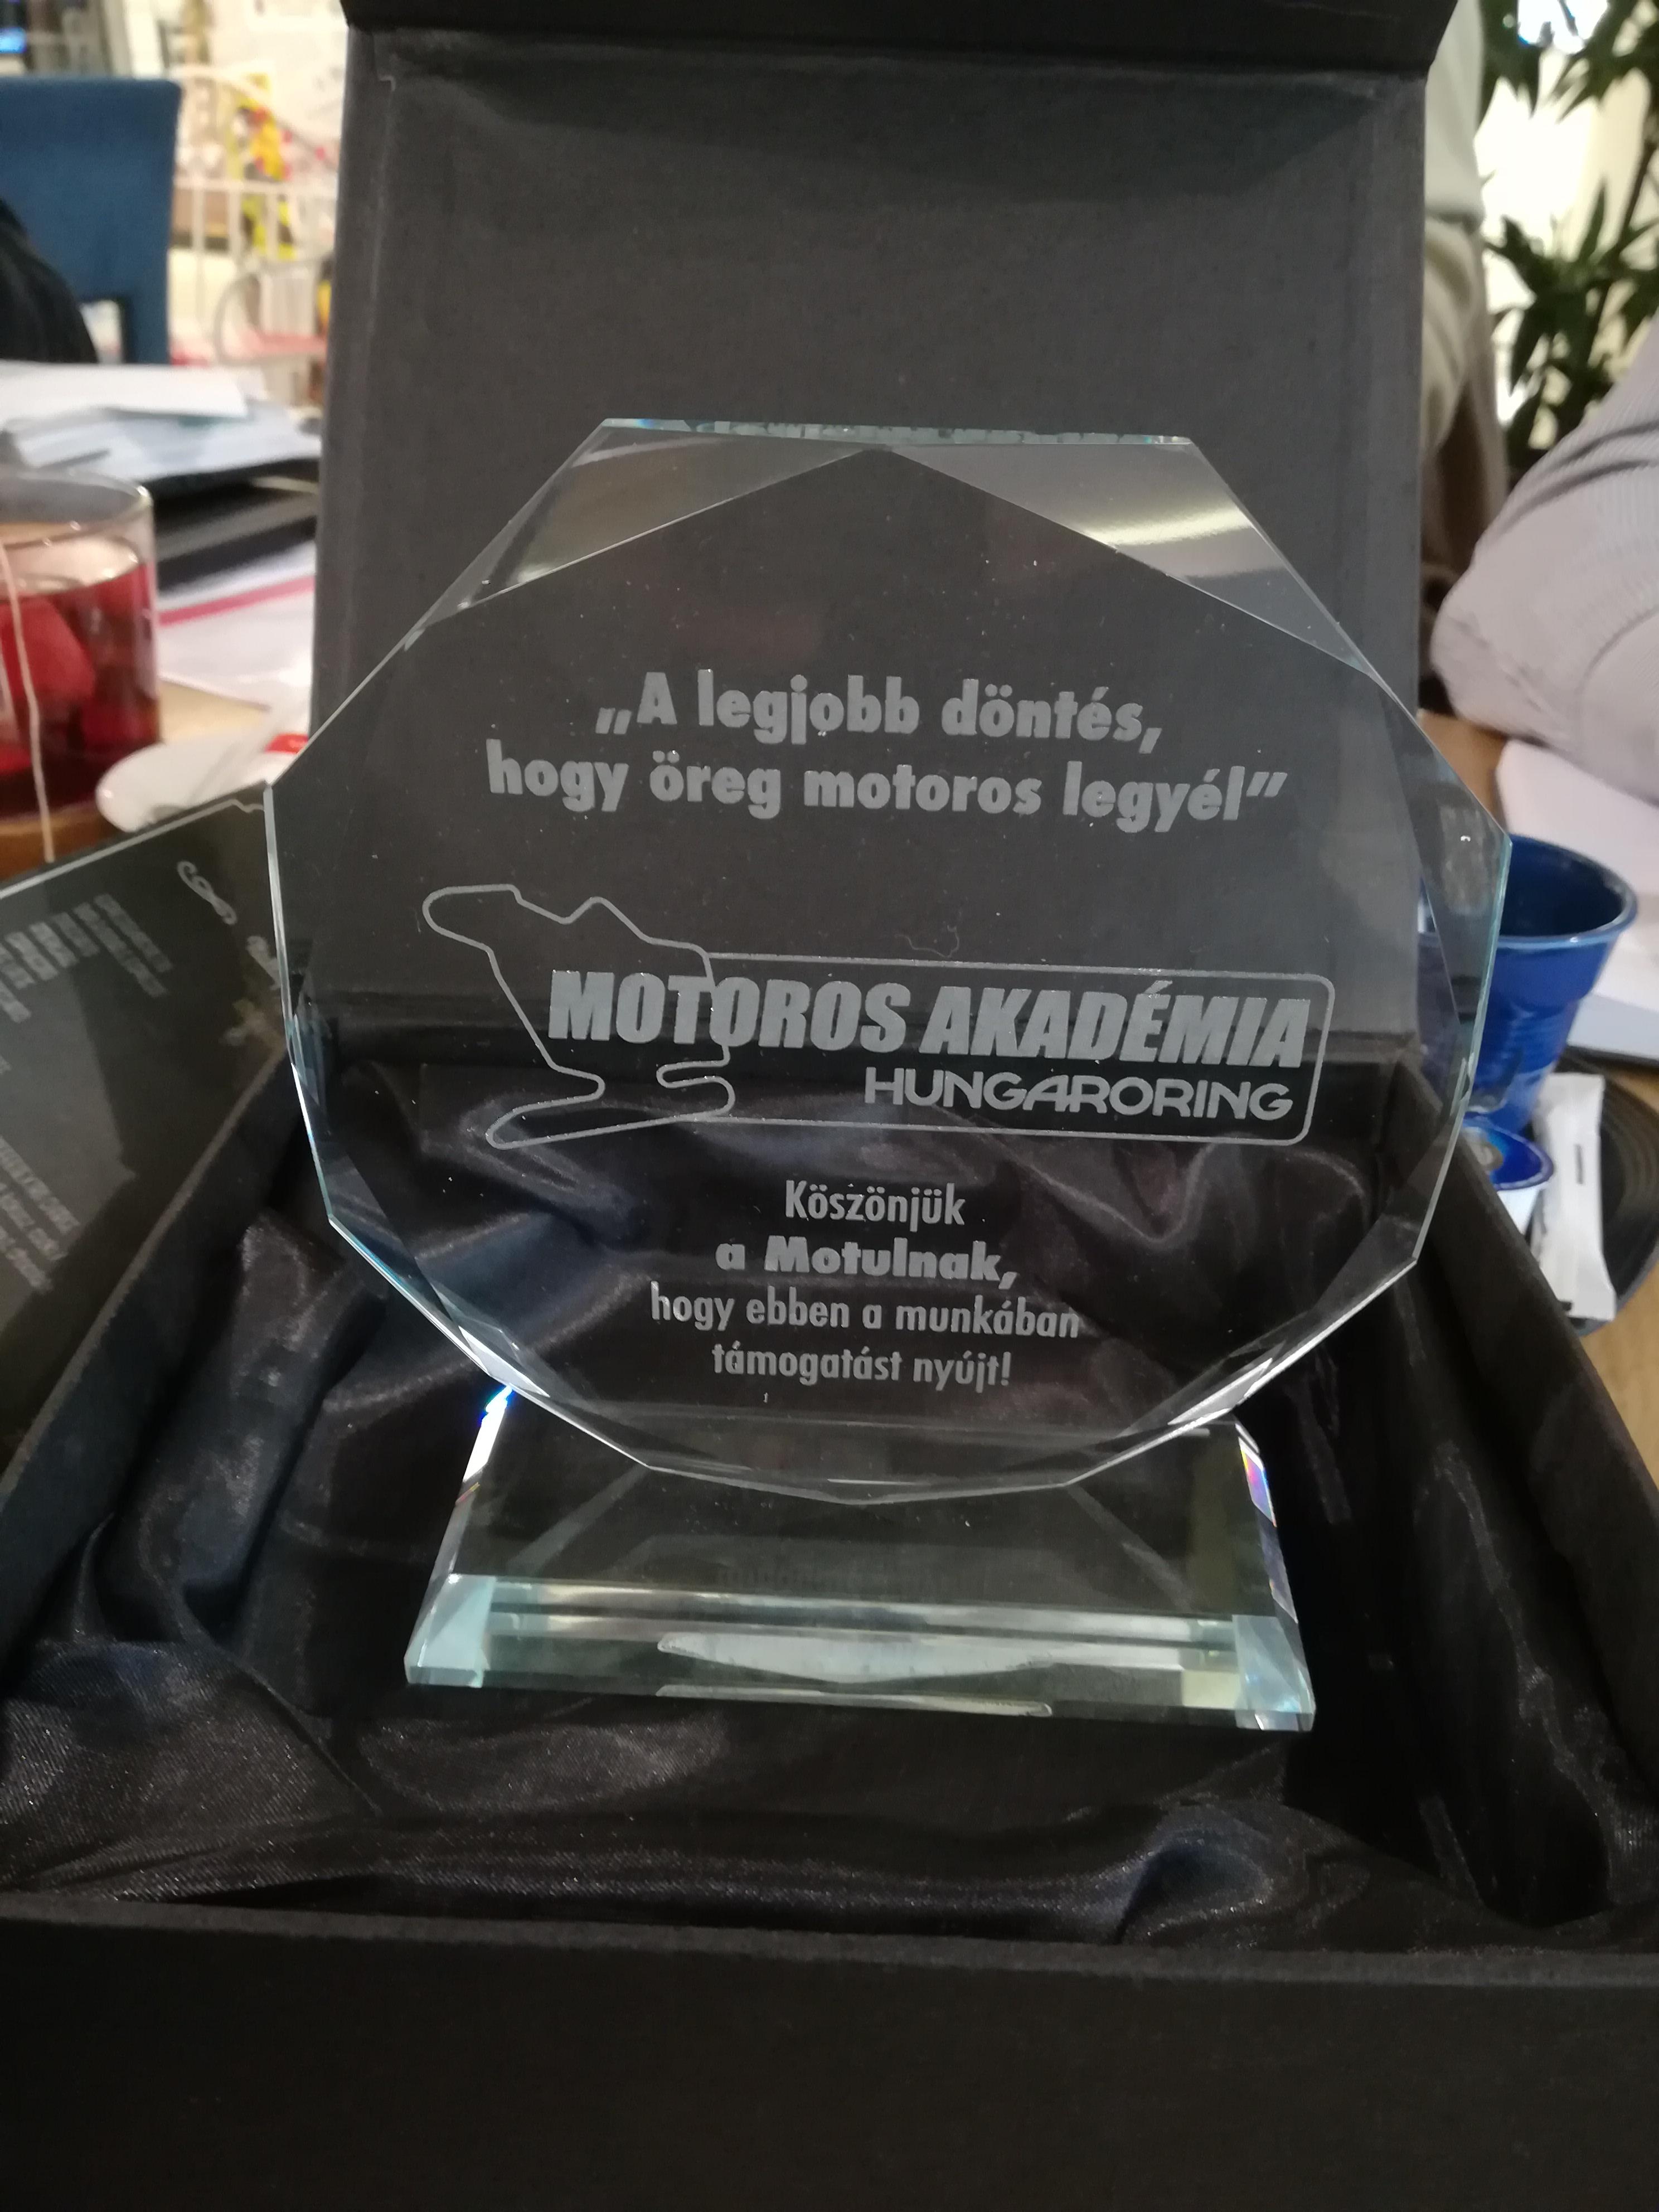 Megtisztelő díj a Hungaroring Motoros Akadémiától